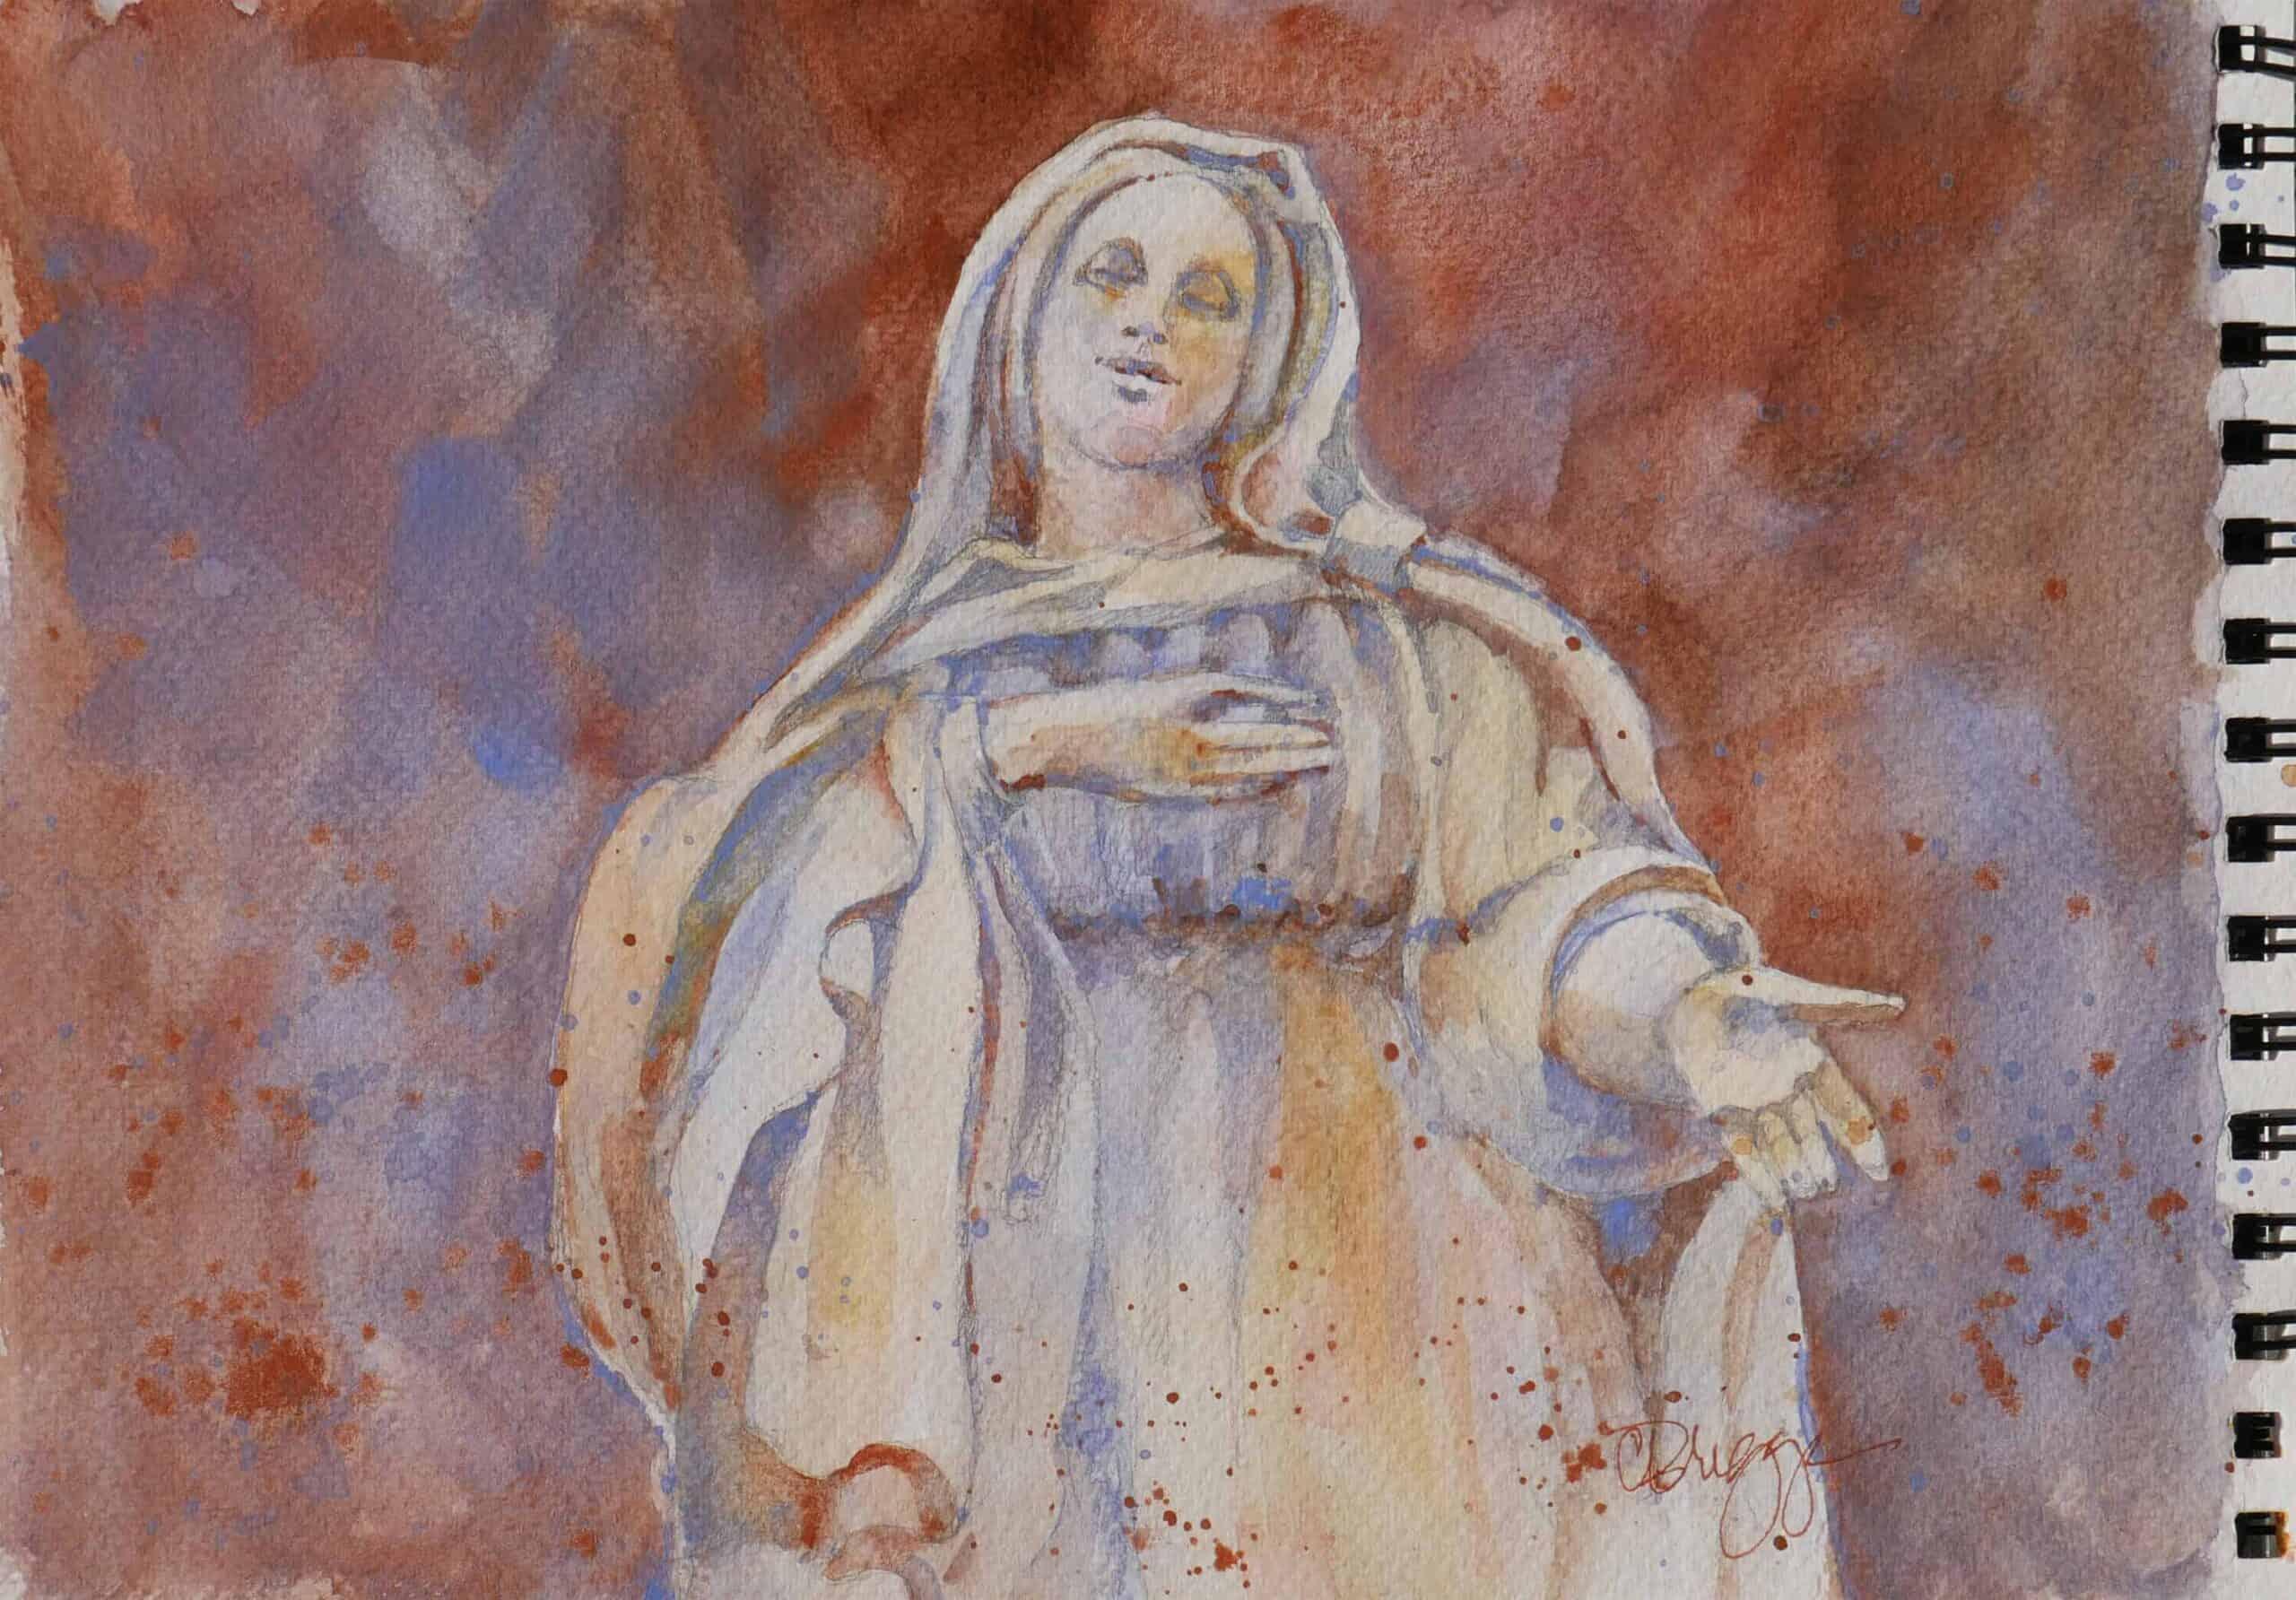 Bienvenue, Bienvenue de Mary